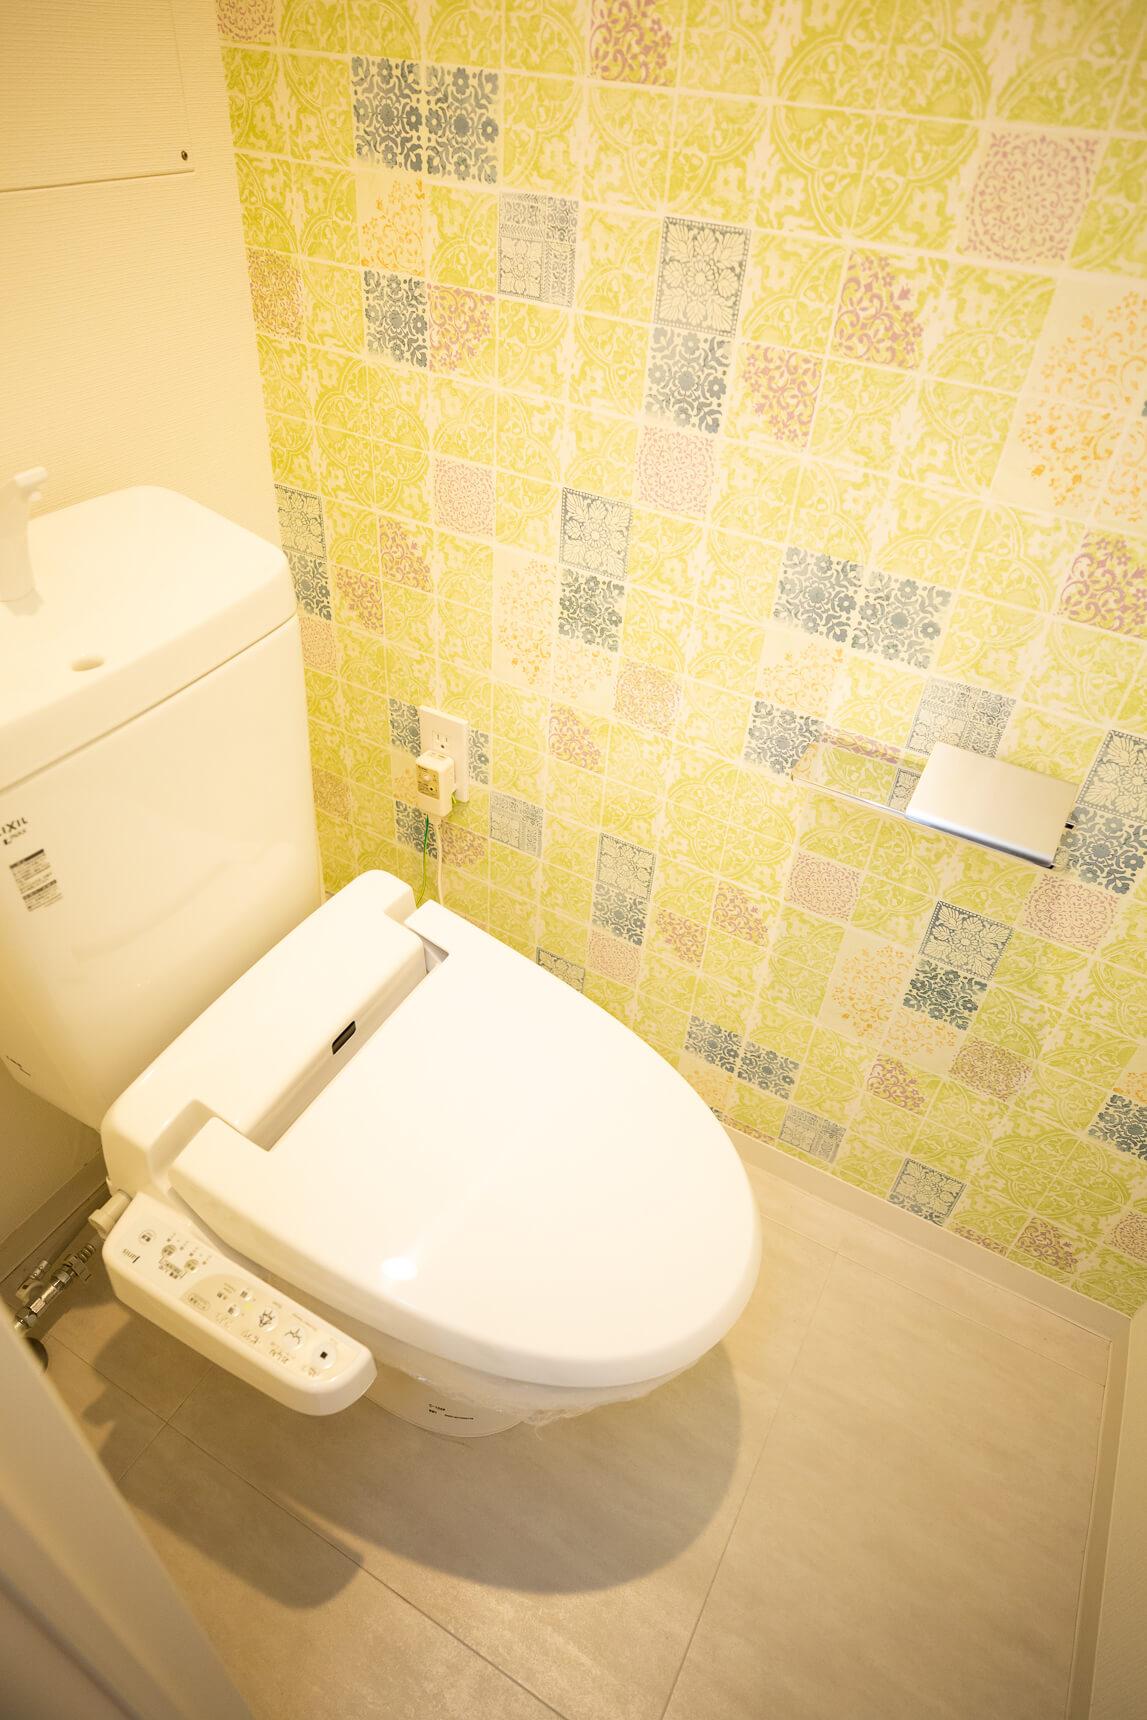 お、トイレの壁紙が可愛いですよ!温水洗浄便座も付いているなんて、なんて優秀な。